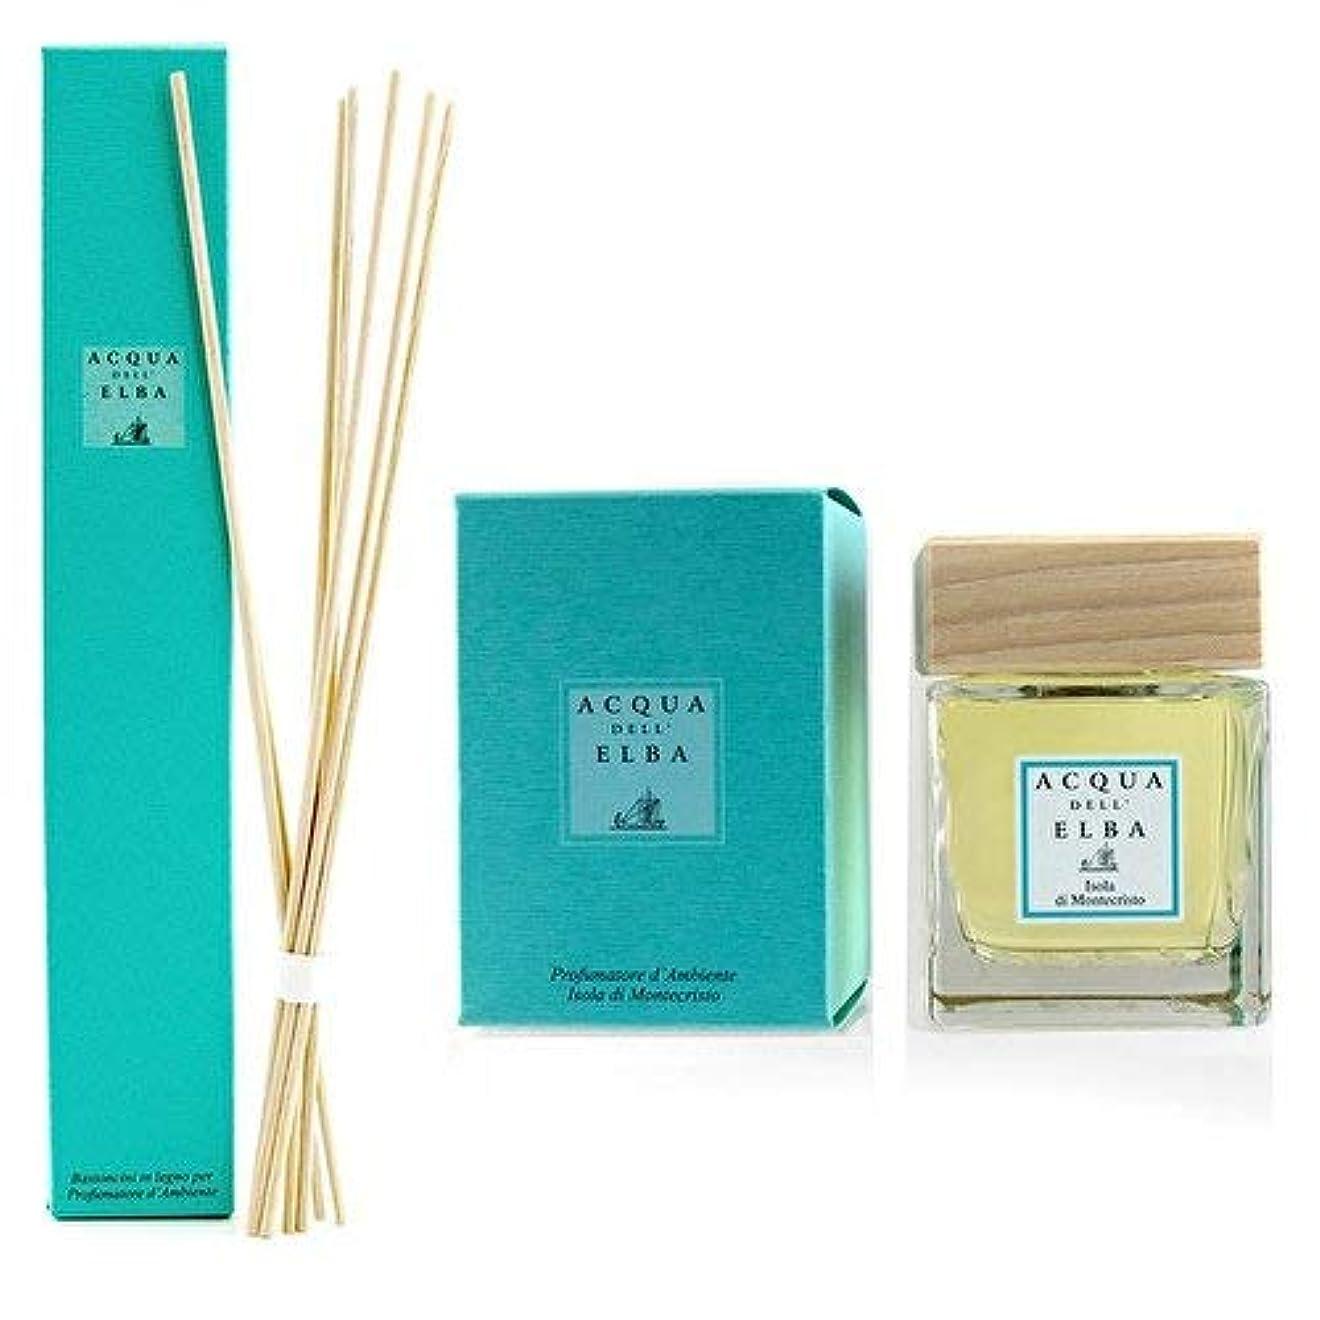 め言葉ガチョウスラム街アクア?デッレ?エルバ Home Fragrance Diffuser - Isola Di Montecristo 200ml/6.8oz並行輸入品